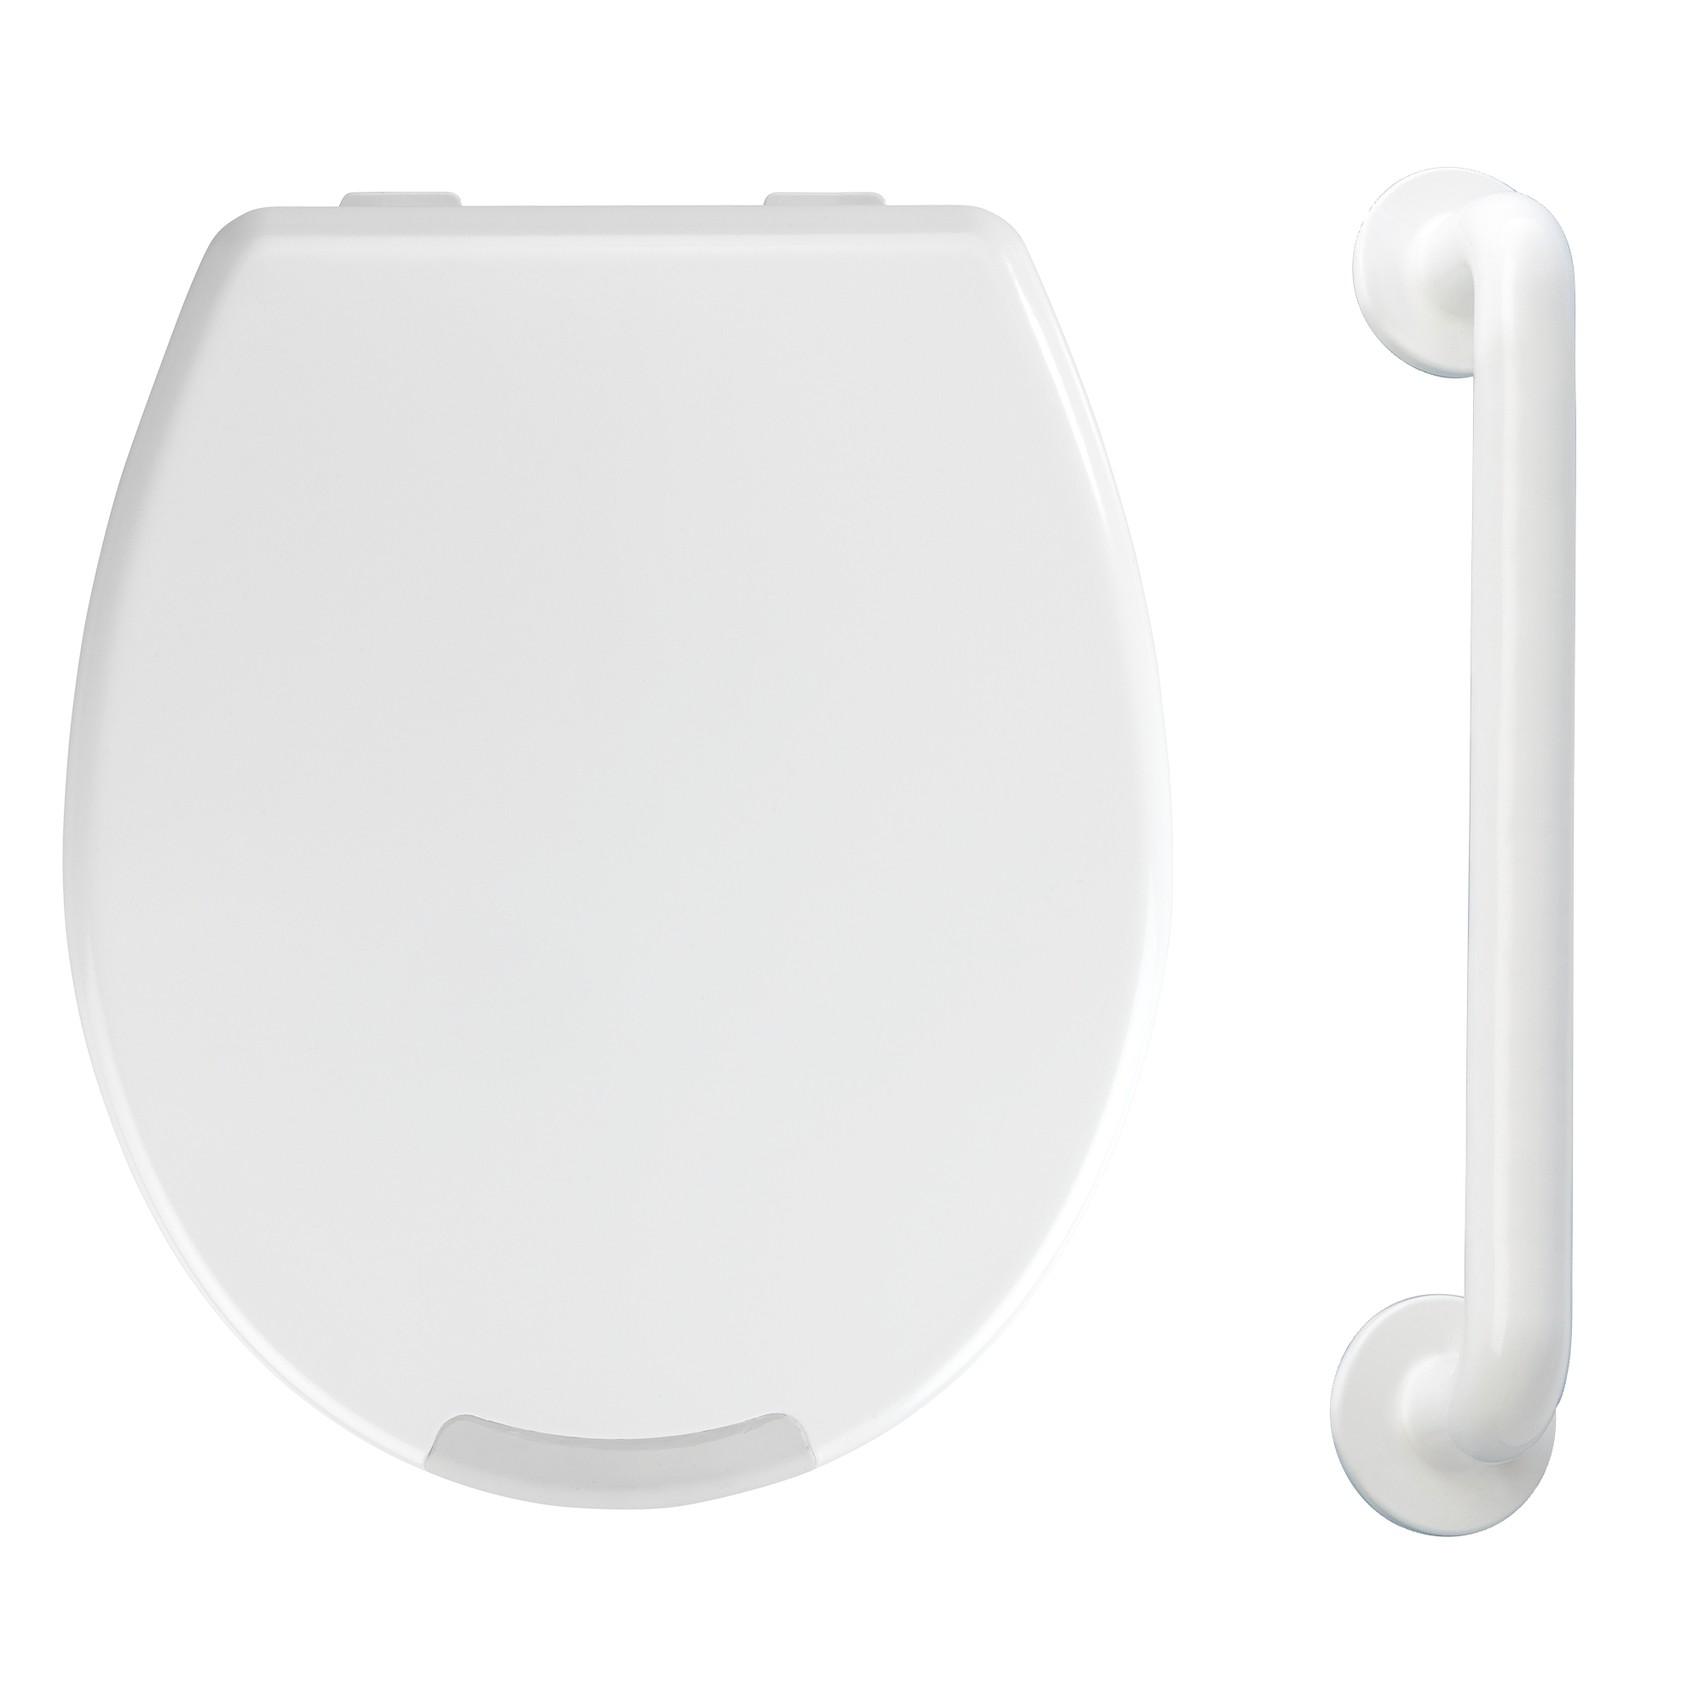 Wenko WC-Sitz mit Erhöhung & Haltegriff 43 cm Secura, für mehr Sicherheit im Bad